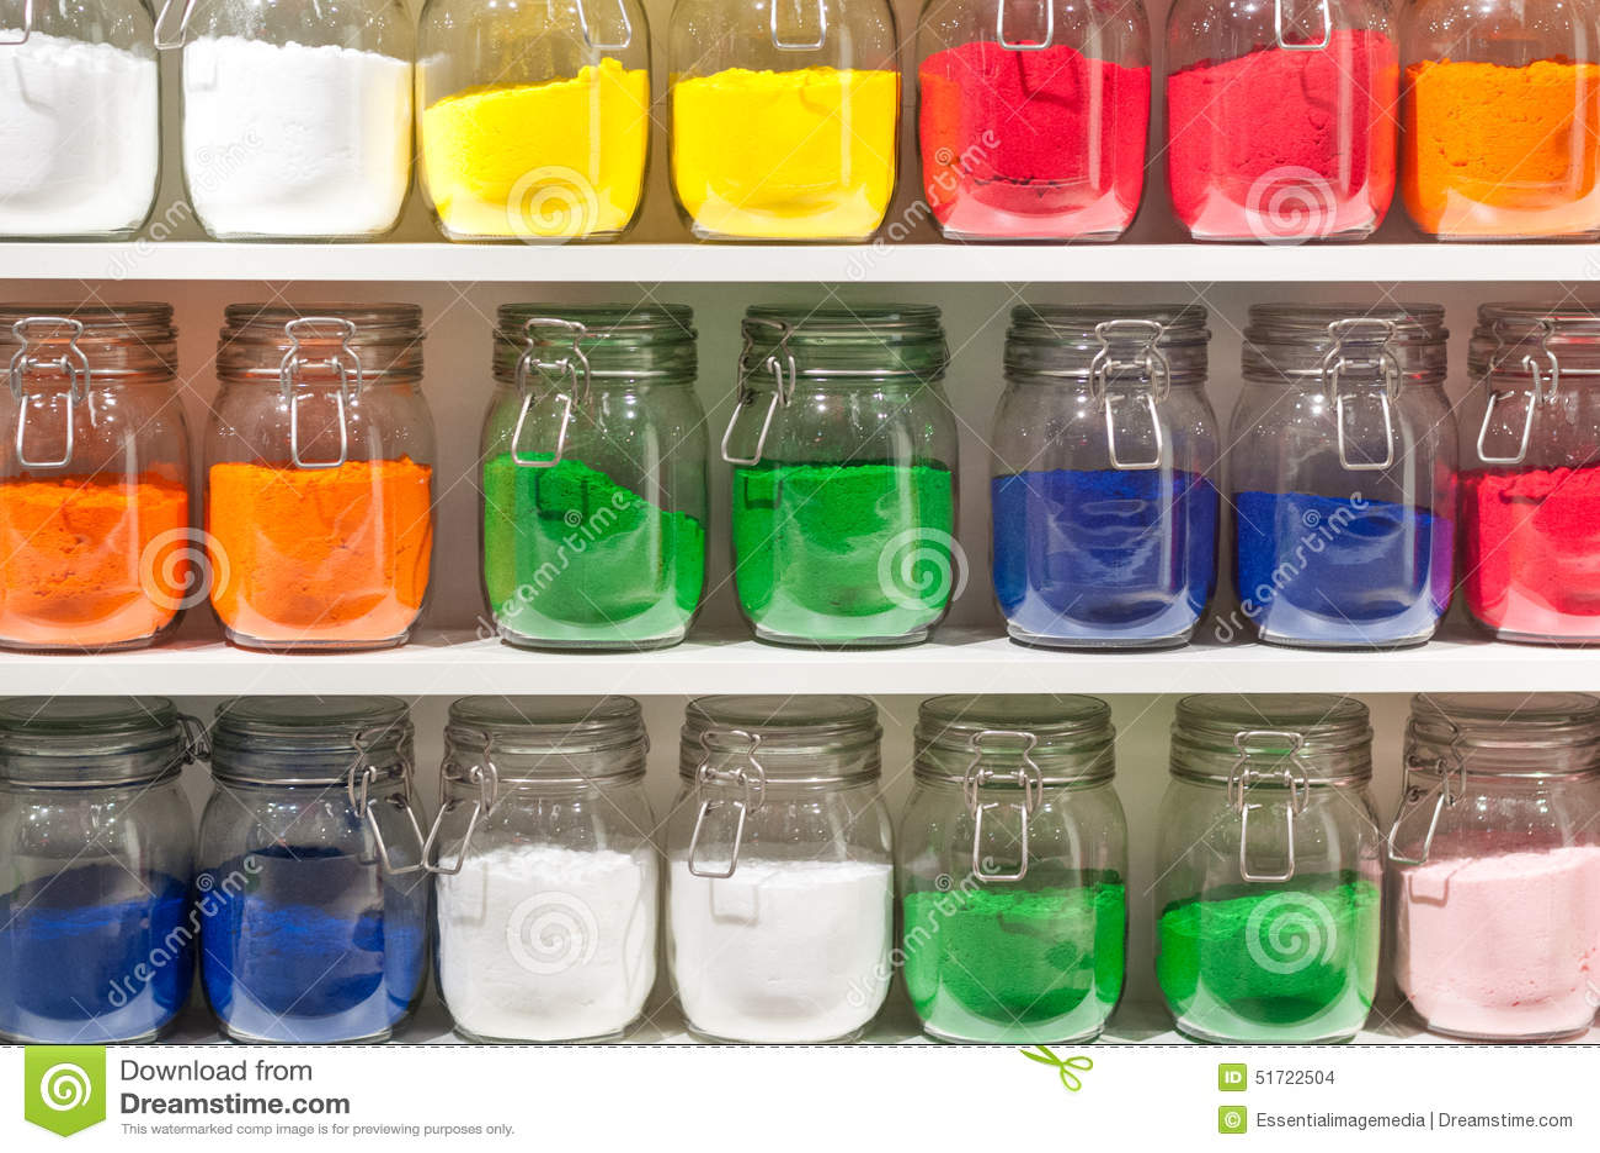 pots du sable color - Sable Colore